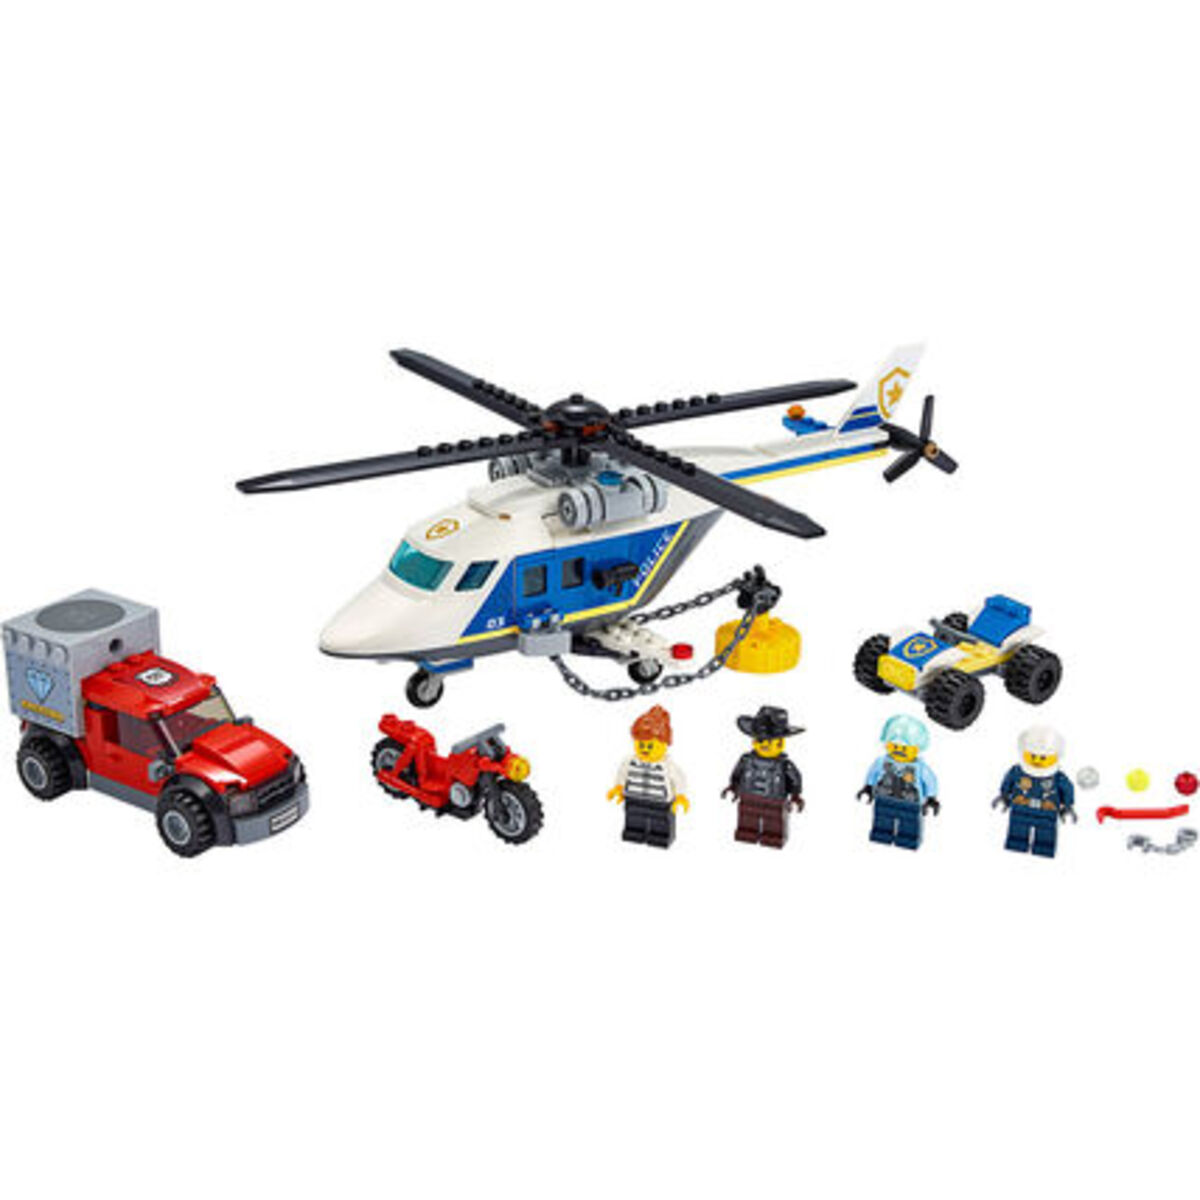 Bild 3 von LEGO® City - Bundle 60243 Verfolgungsjagd mit dem Polizeihubschrauber + 60244 Polizeihubschrauber-Transport